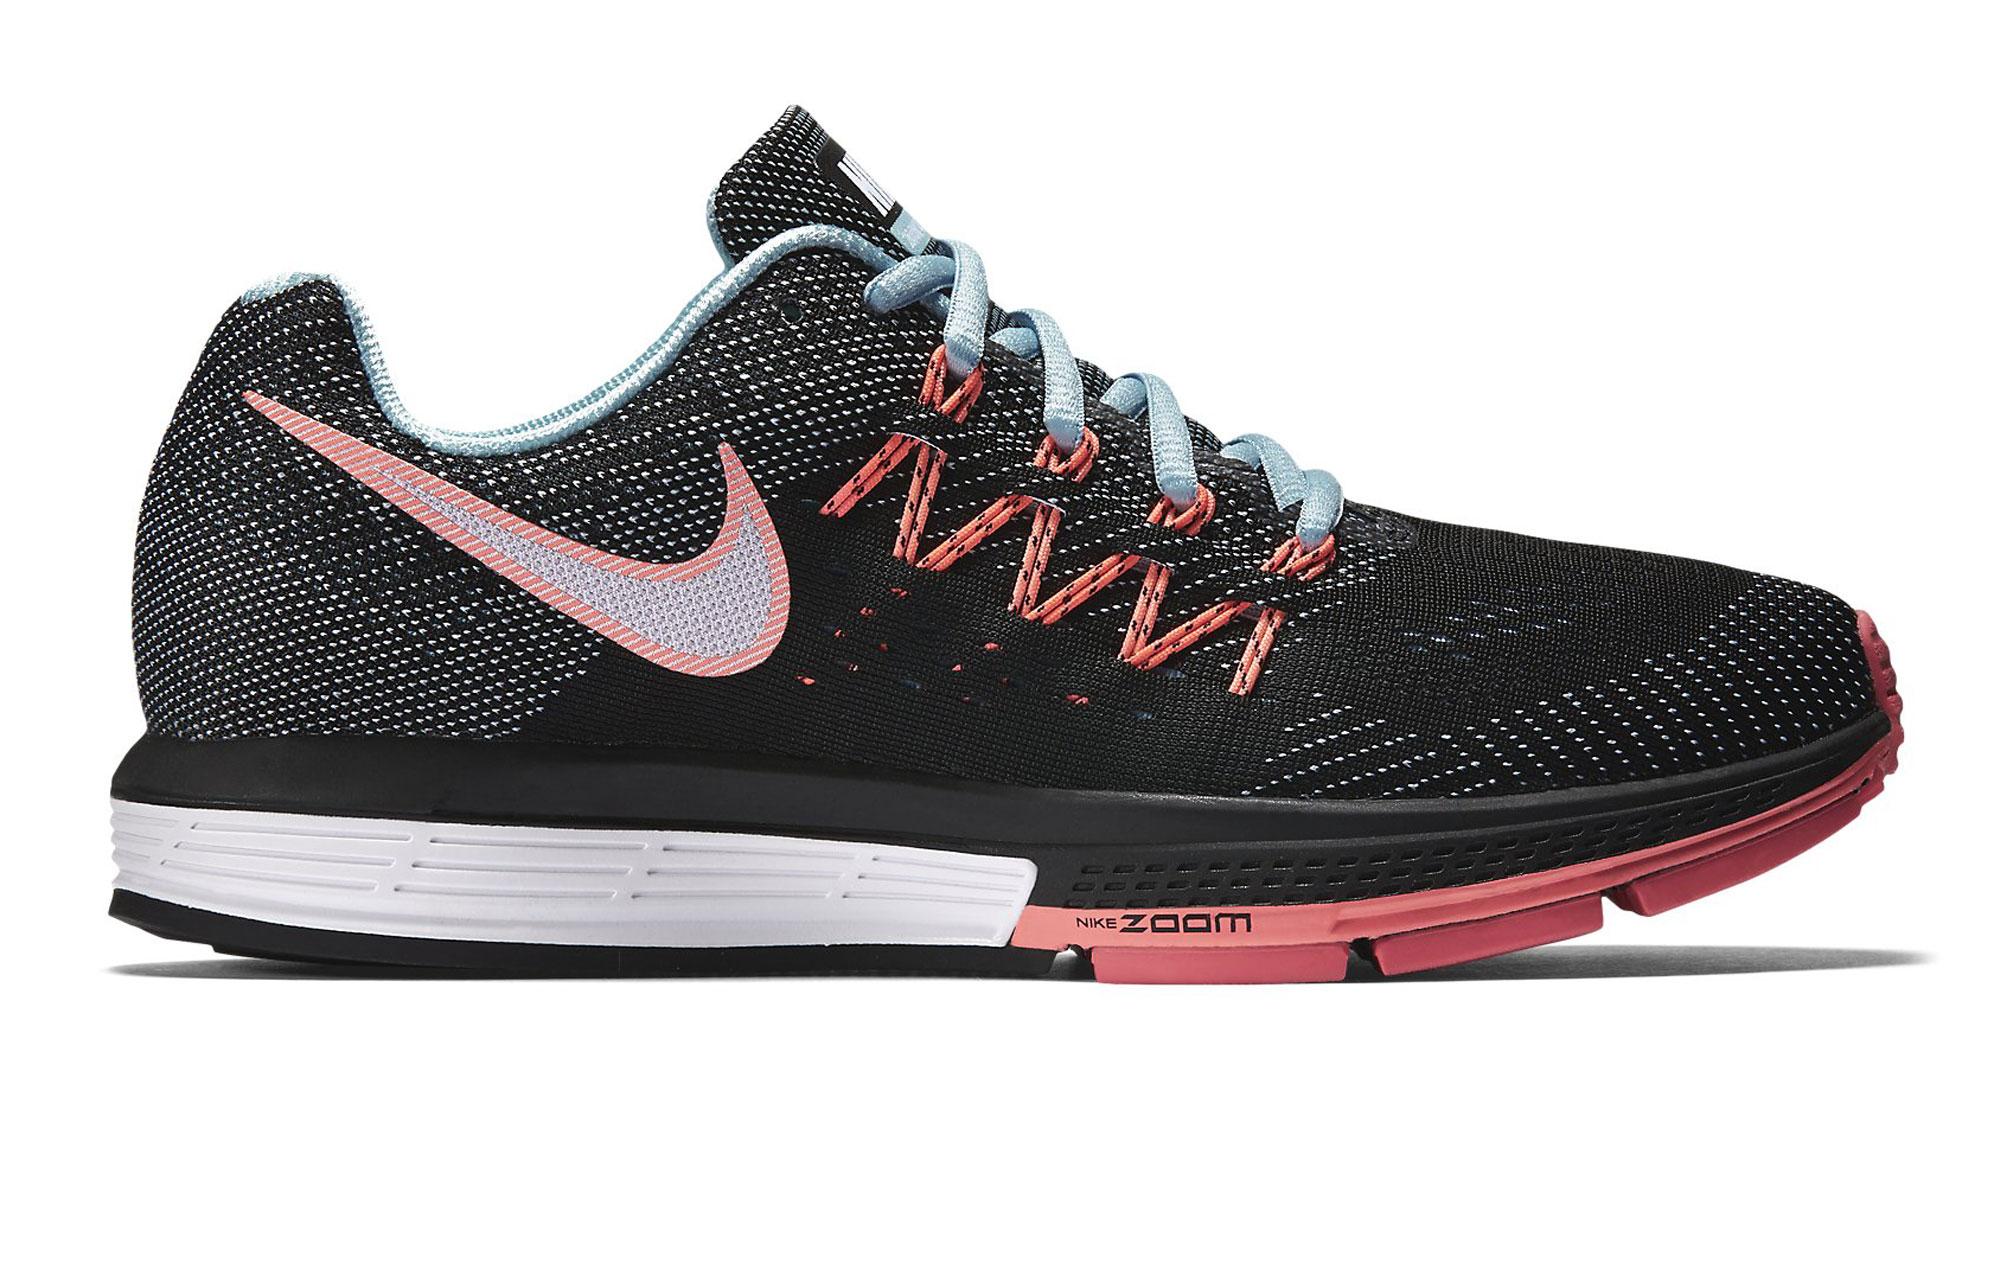 hot sale online f10b1 99a30 Chaussures de Running Femme Nike AIR ZOOM VOMERO 10 Noir / Bleu ...